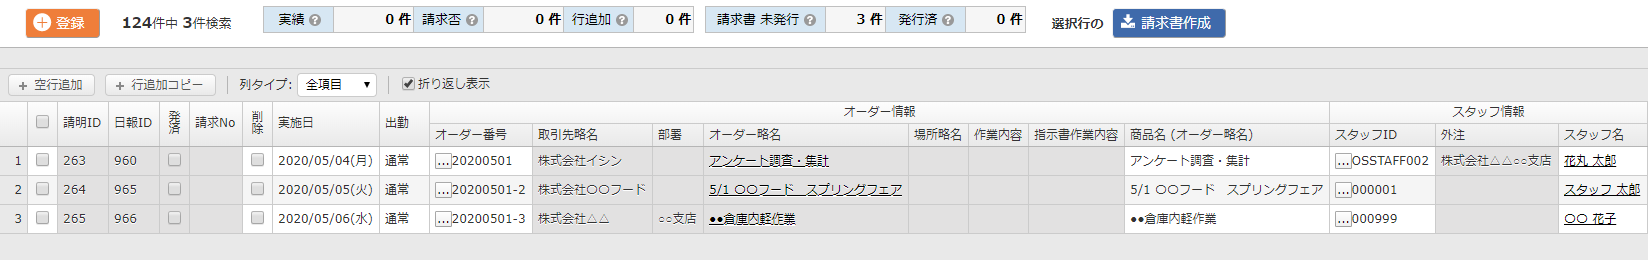 請求 請求明細-検索結果01